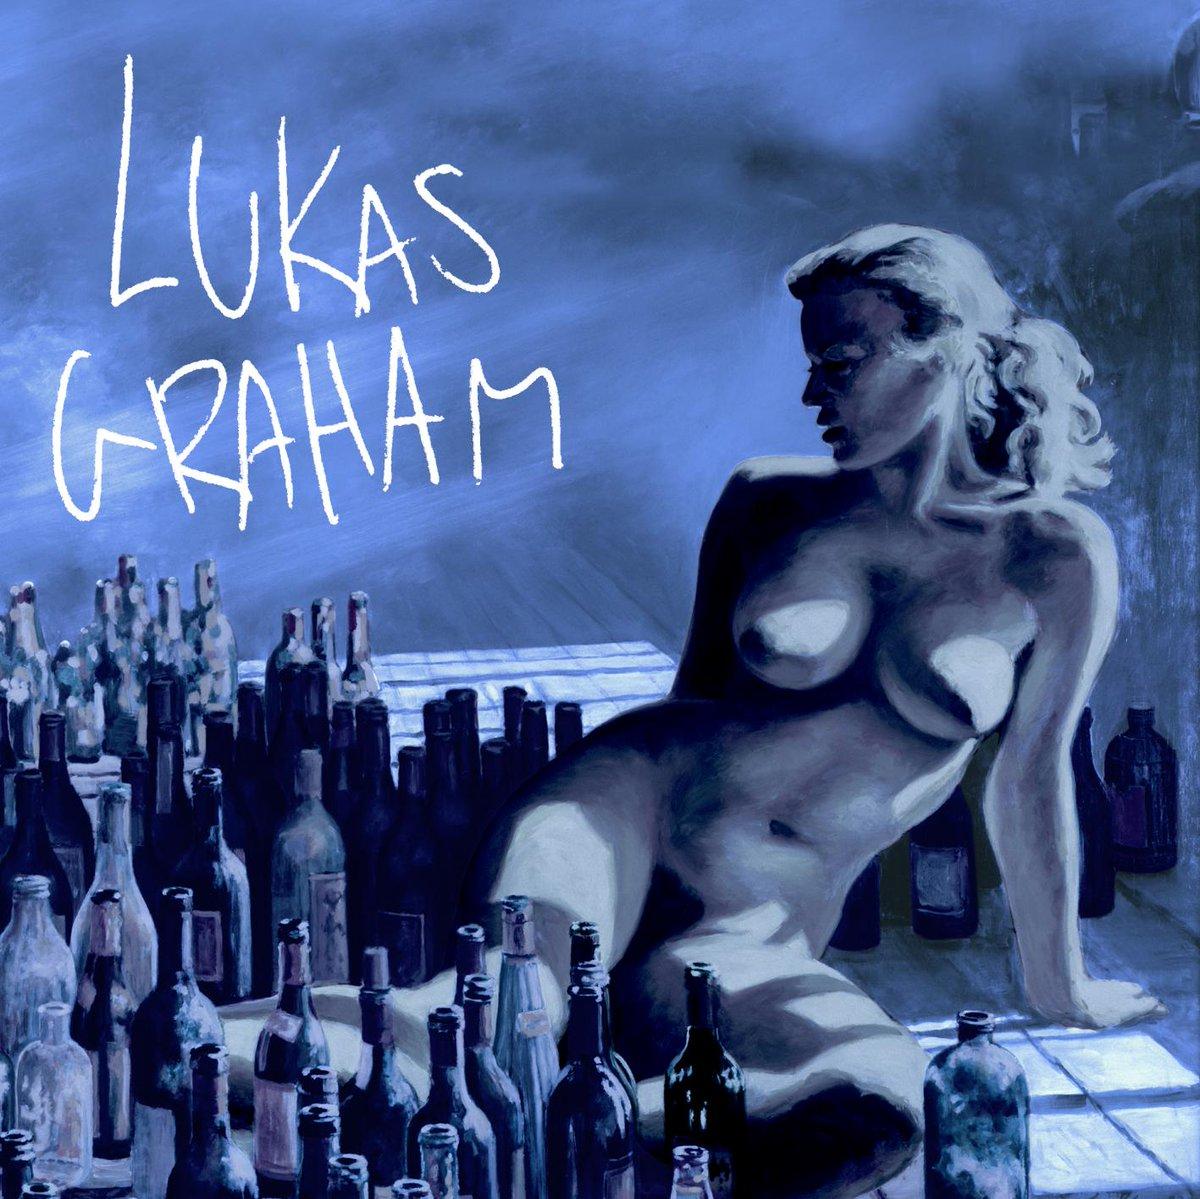 Hva så DK! Var det noget med et nyt LUKAS GRAHAM album? Du finder herlighederne lige her: http://t.co/8winHi8yMV http://t.co/3vf8MX3anO